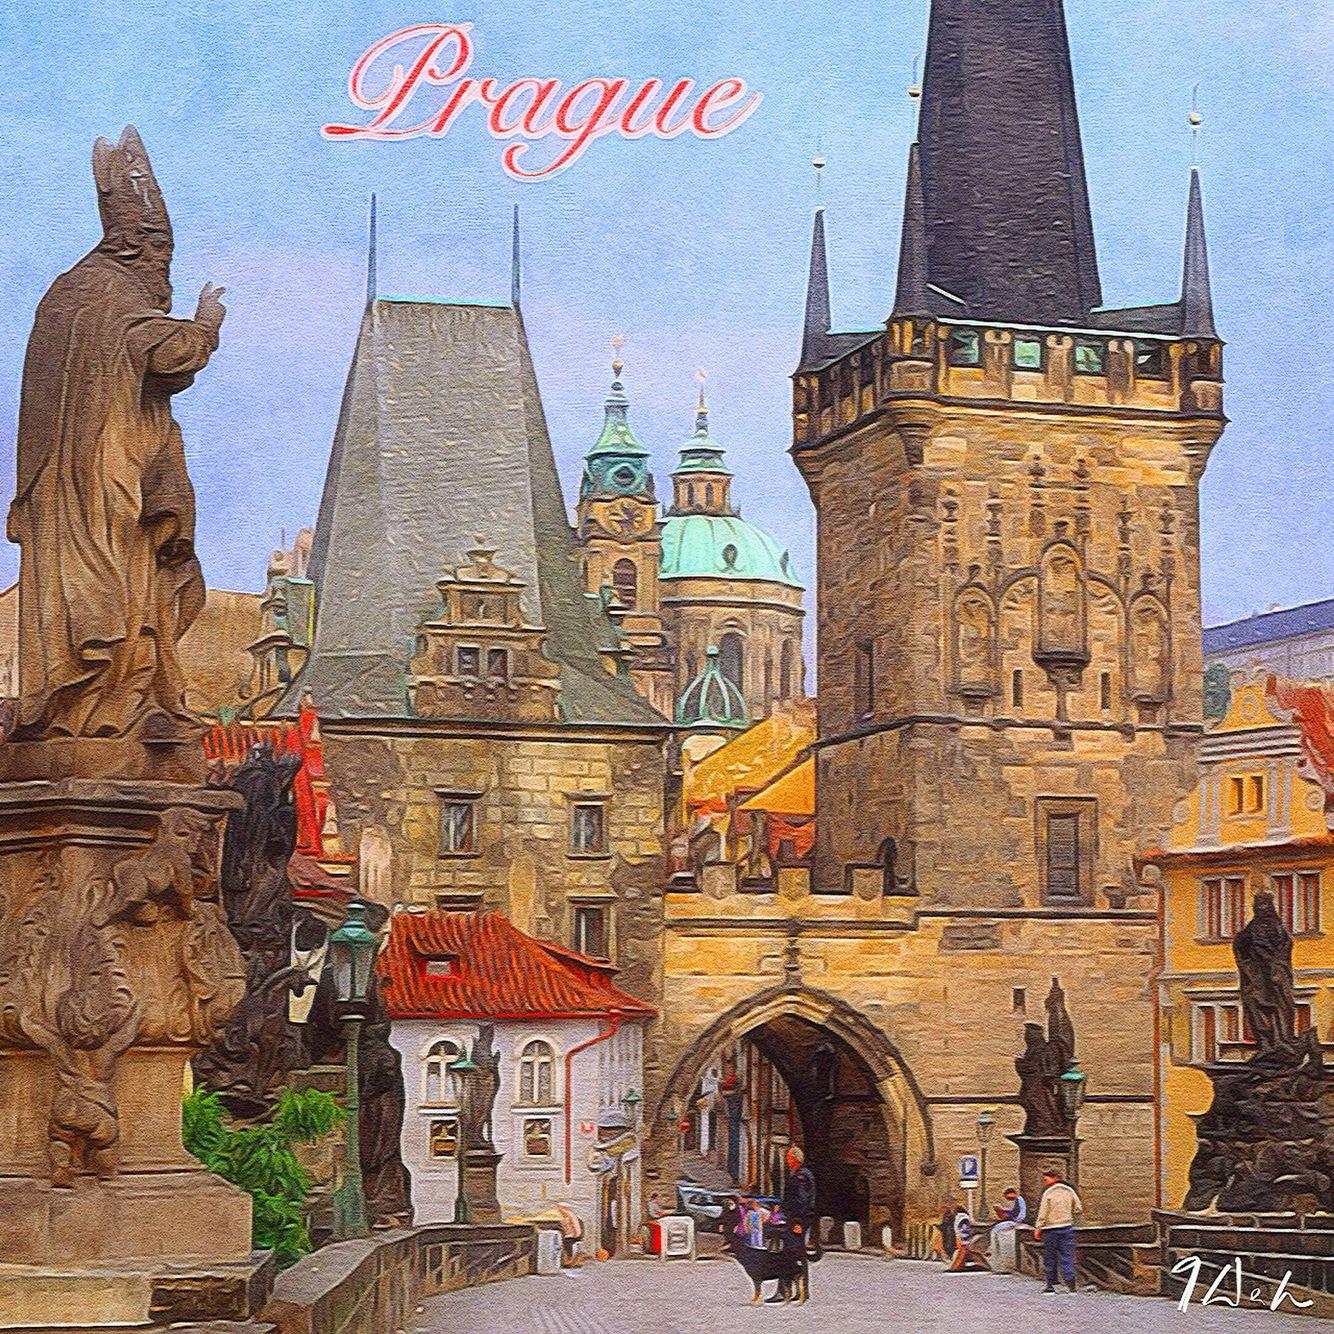 Prag in Tschechien.